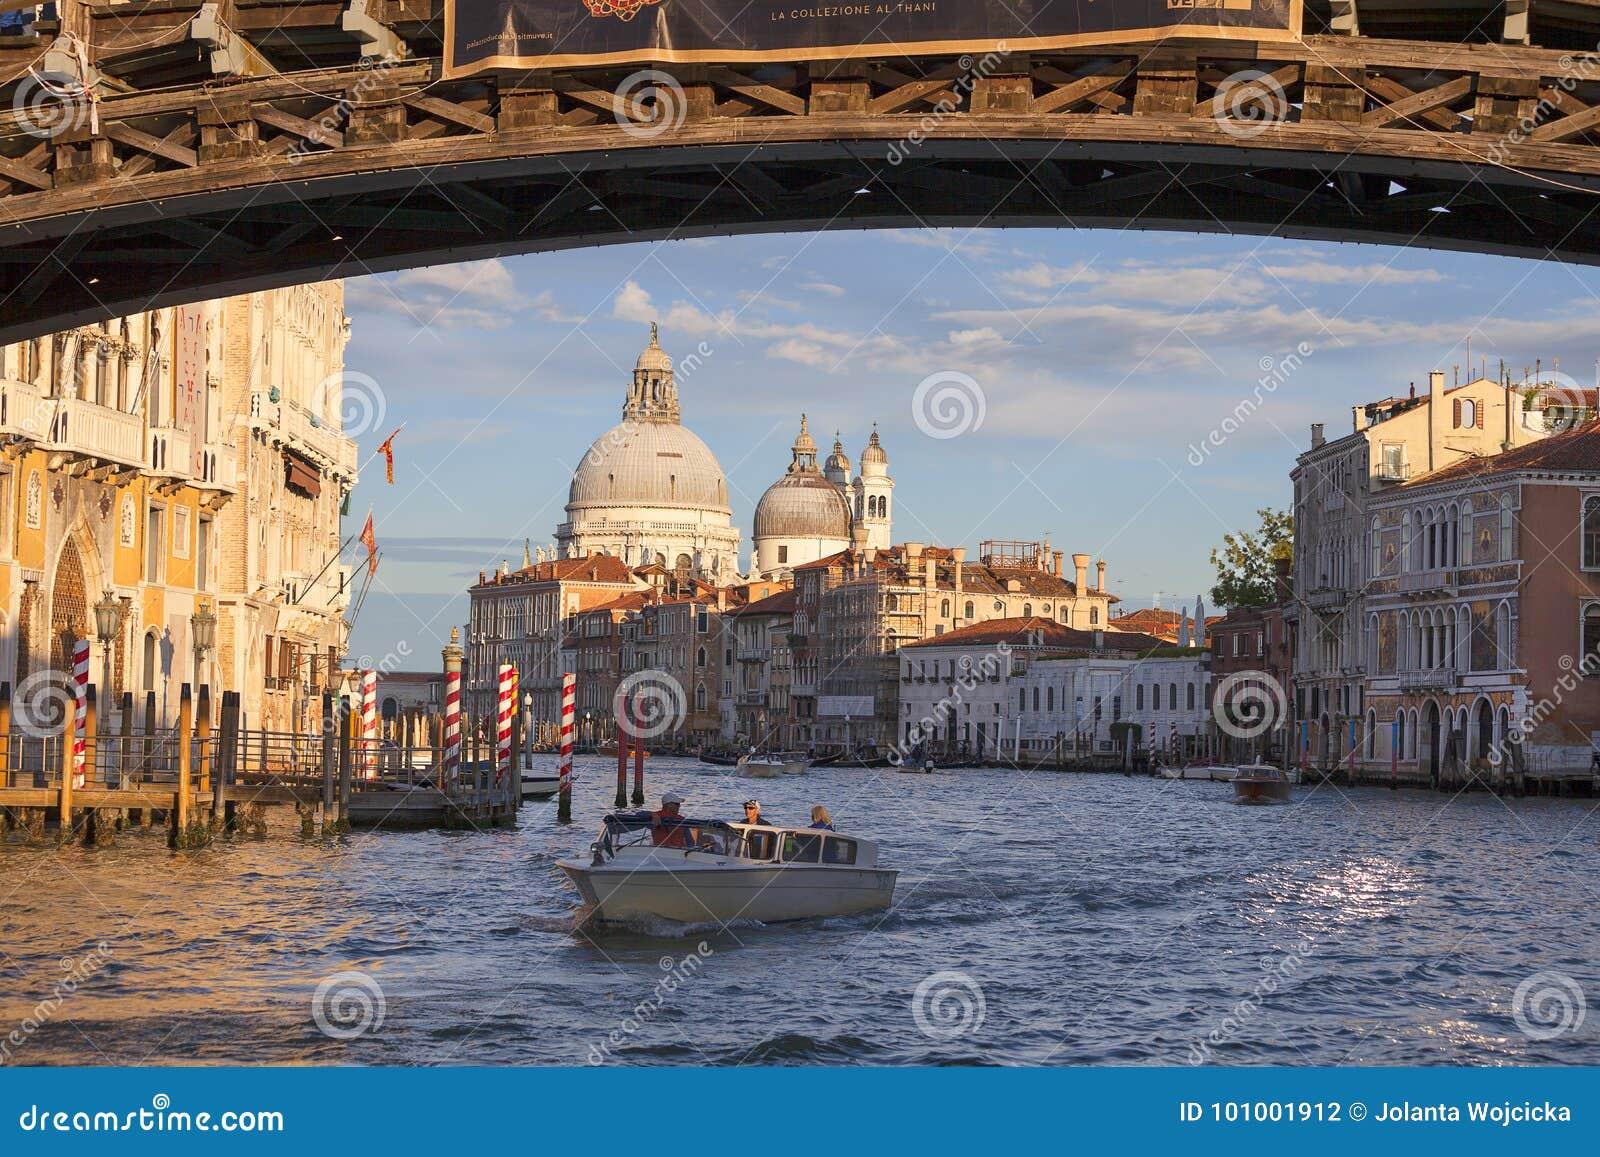 Venice Grant Nude Photos 79